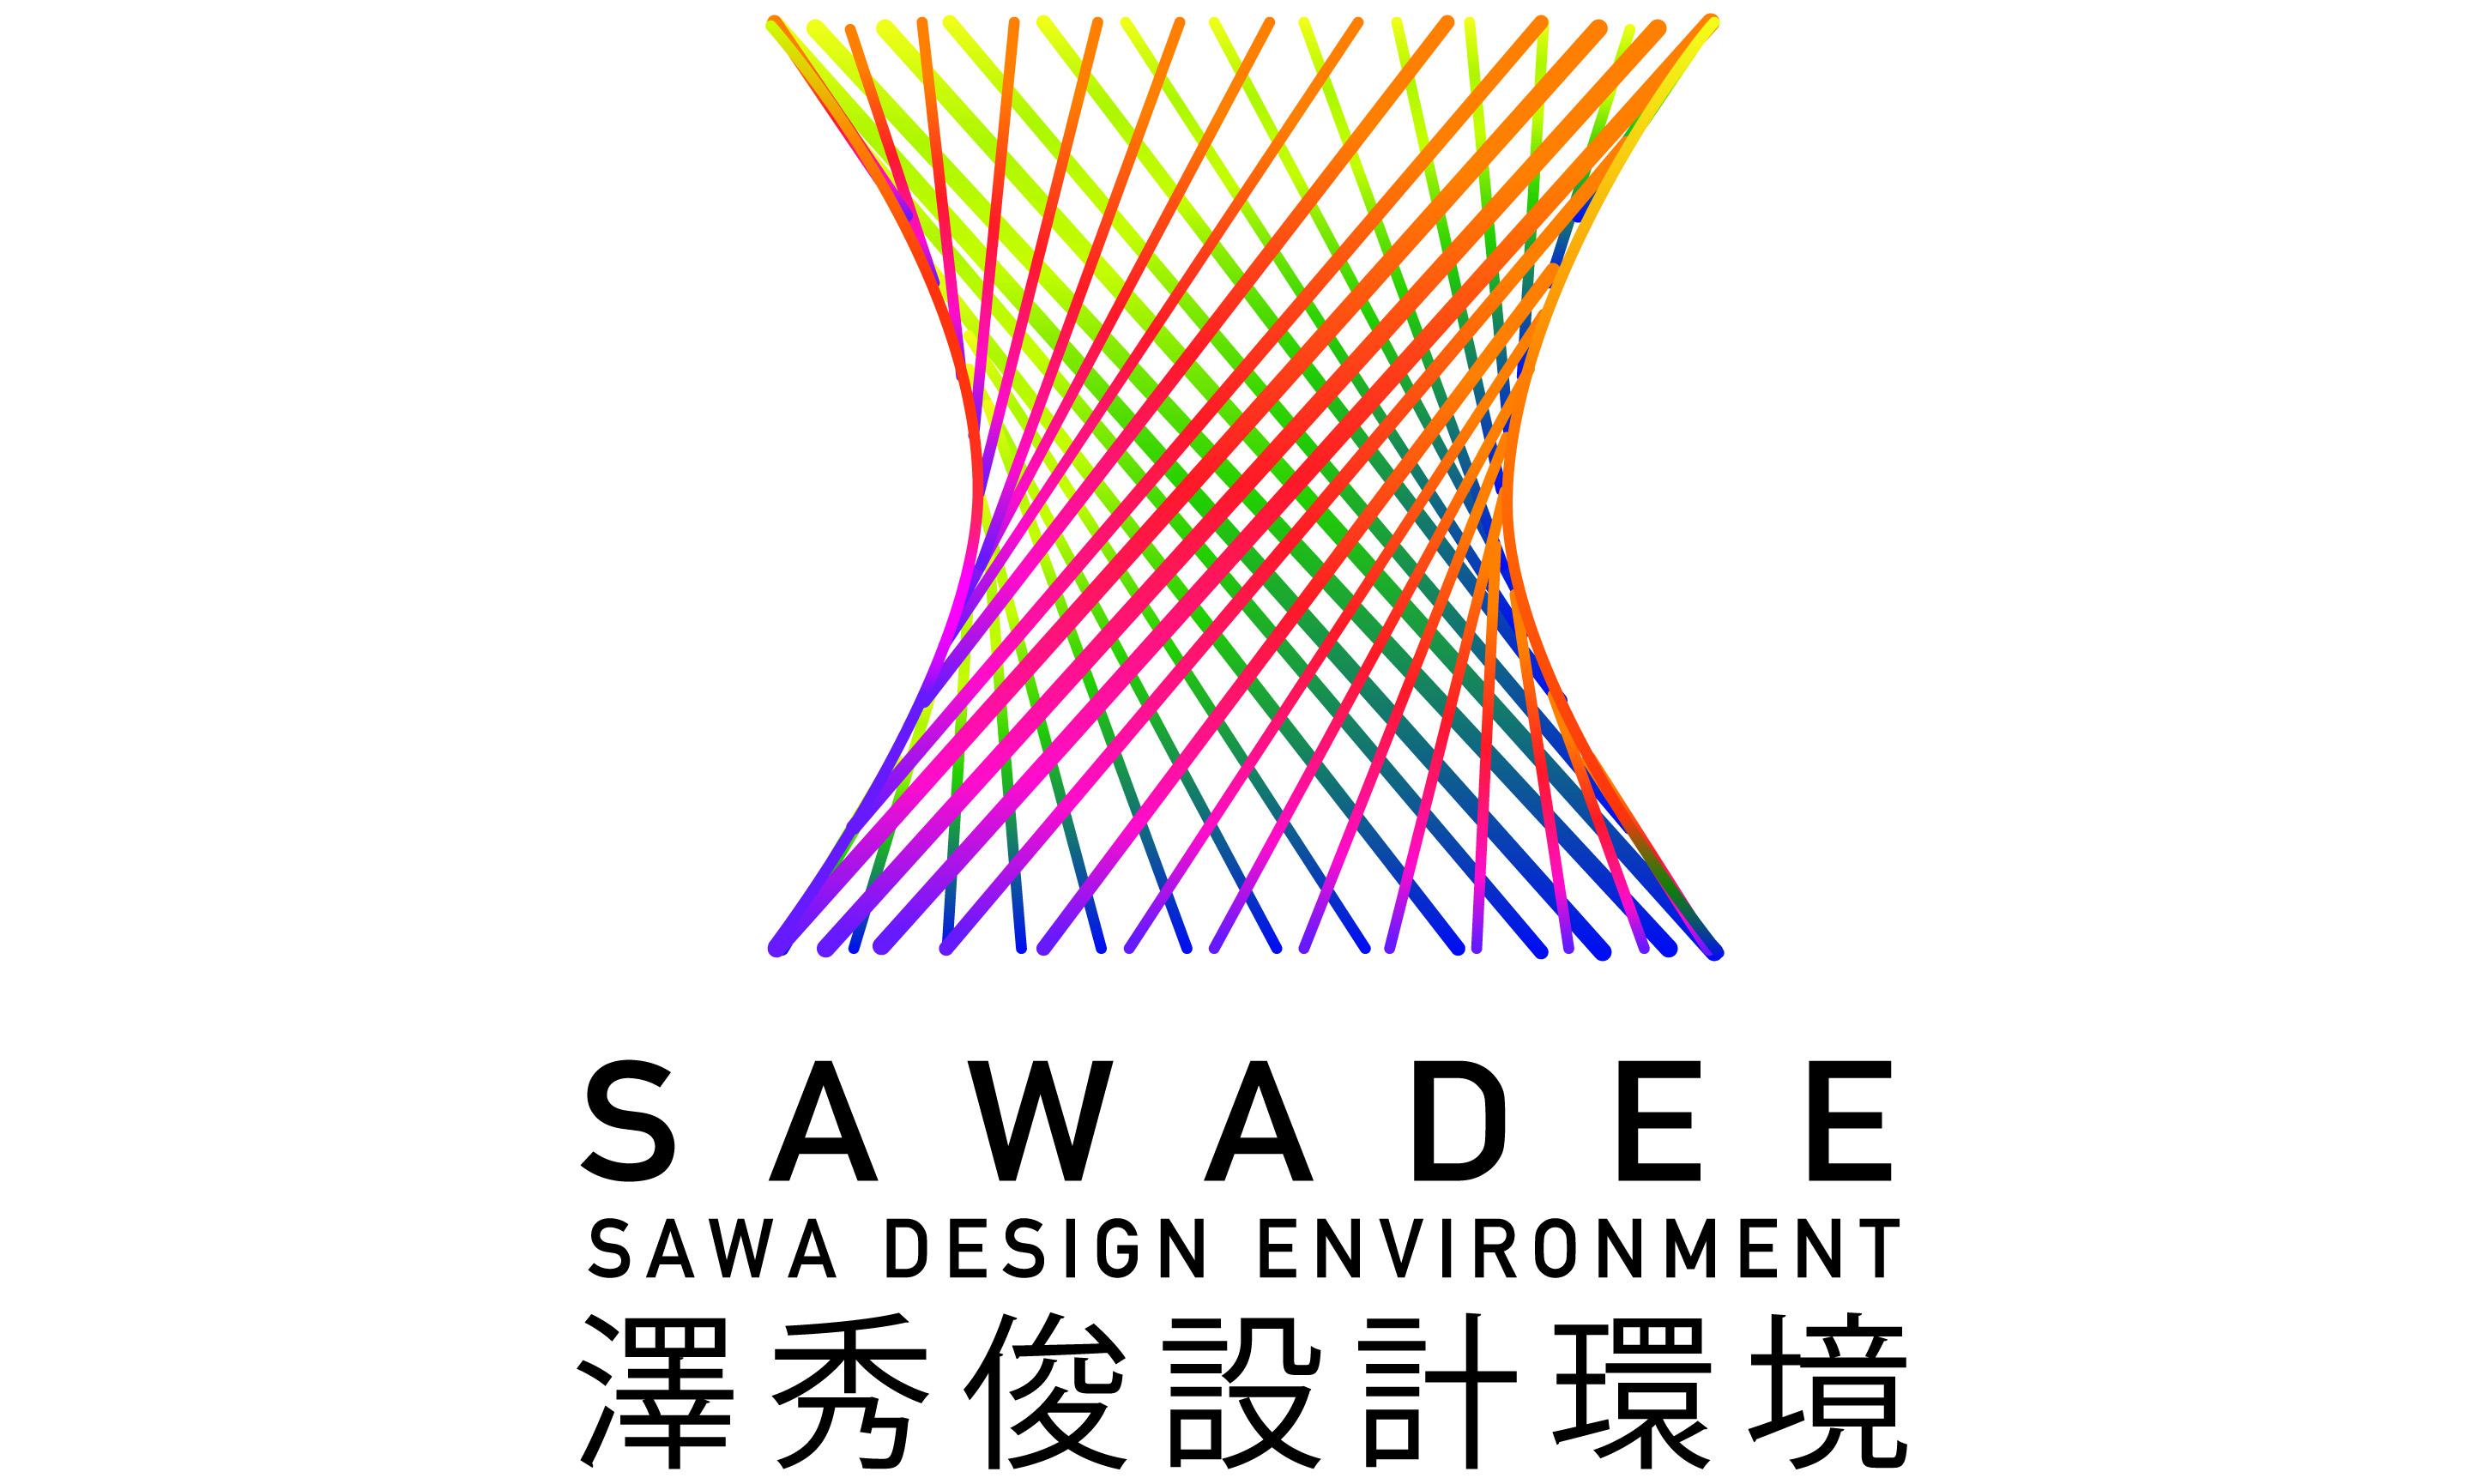 澤秀俊設計環境 / SAWADEE / 沢秀俊